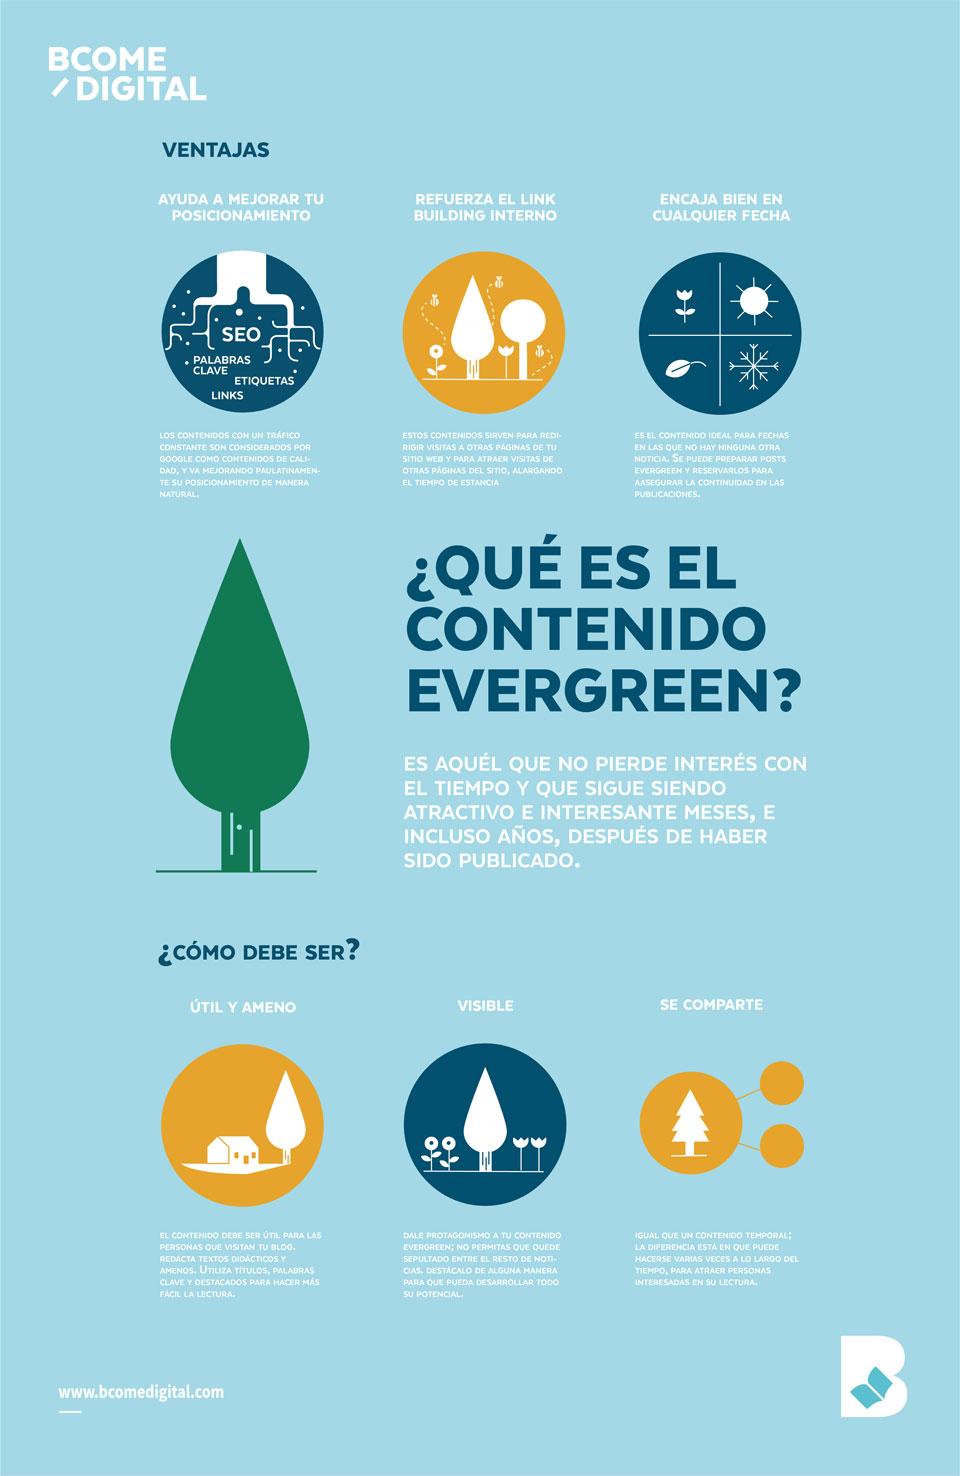 tipos de contenidos evergreen